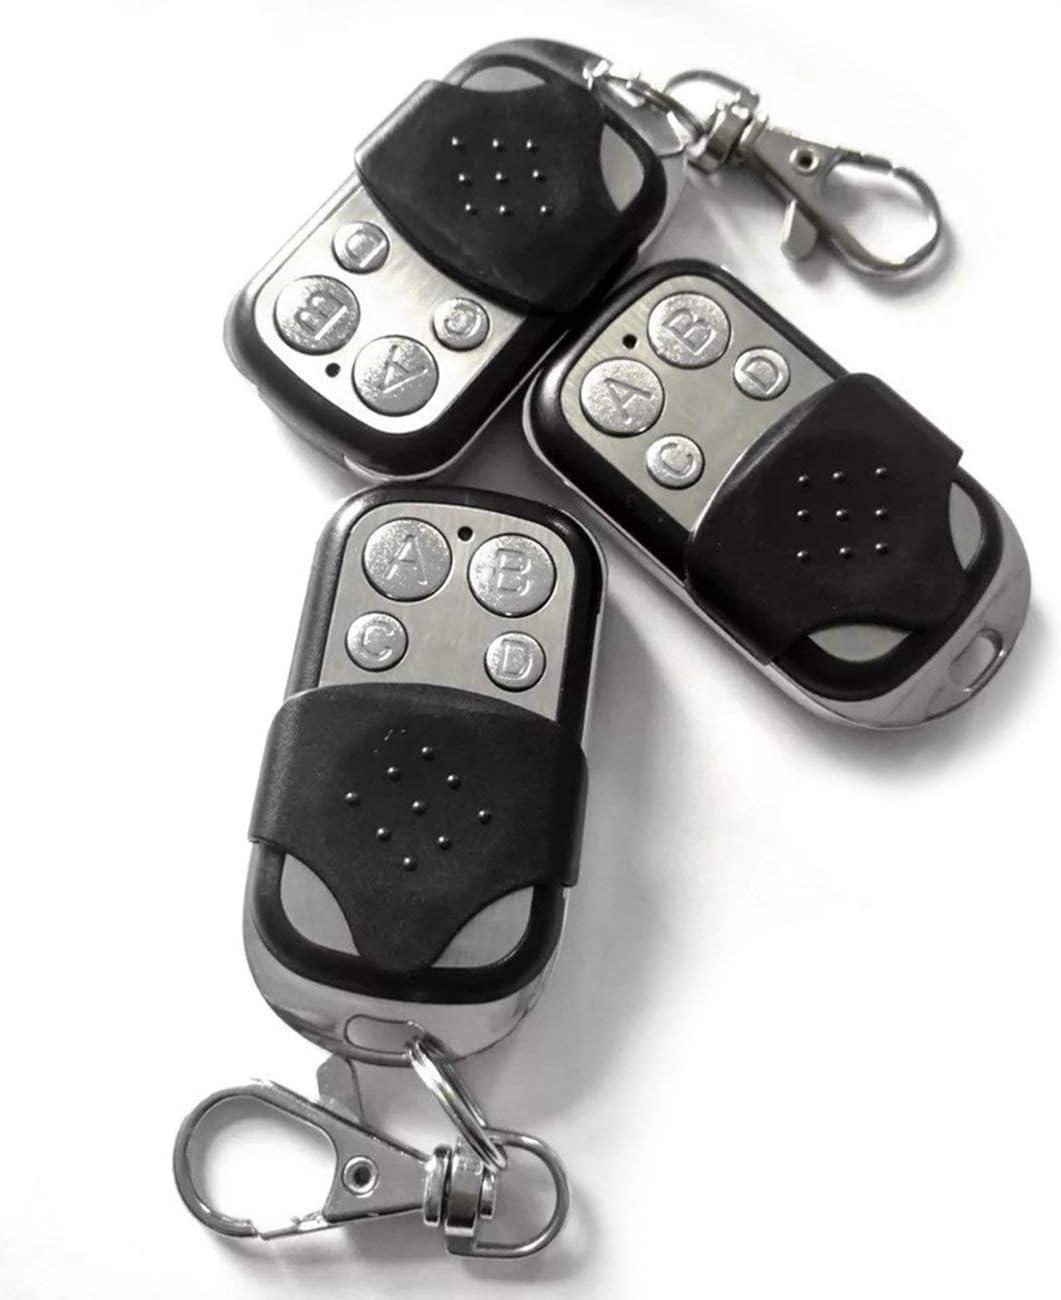 Astilla Negra fengzong 433MHZ Copia inal/ámbrica Control Remoto Metal ABCD Puerta de Garaje de Cuatro Botones C/ódigo de Copia Universal Control Remoto